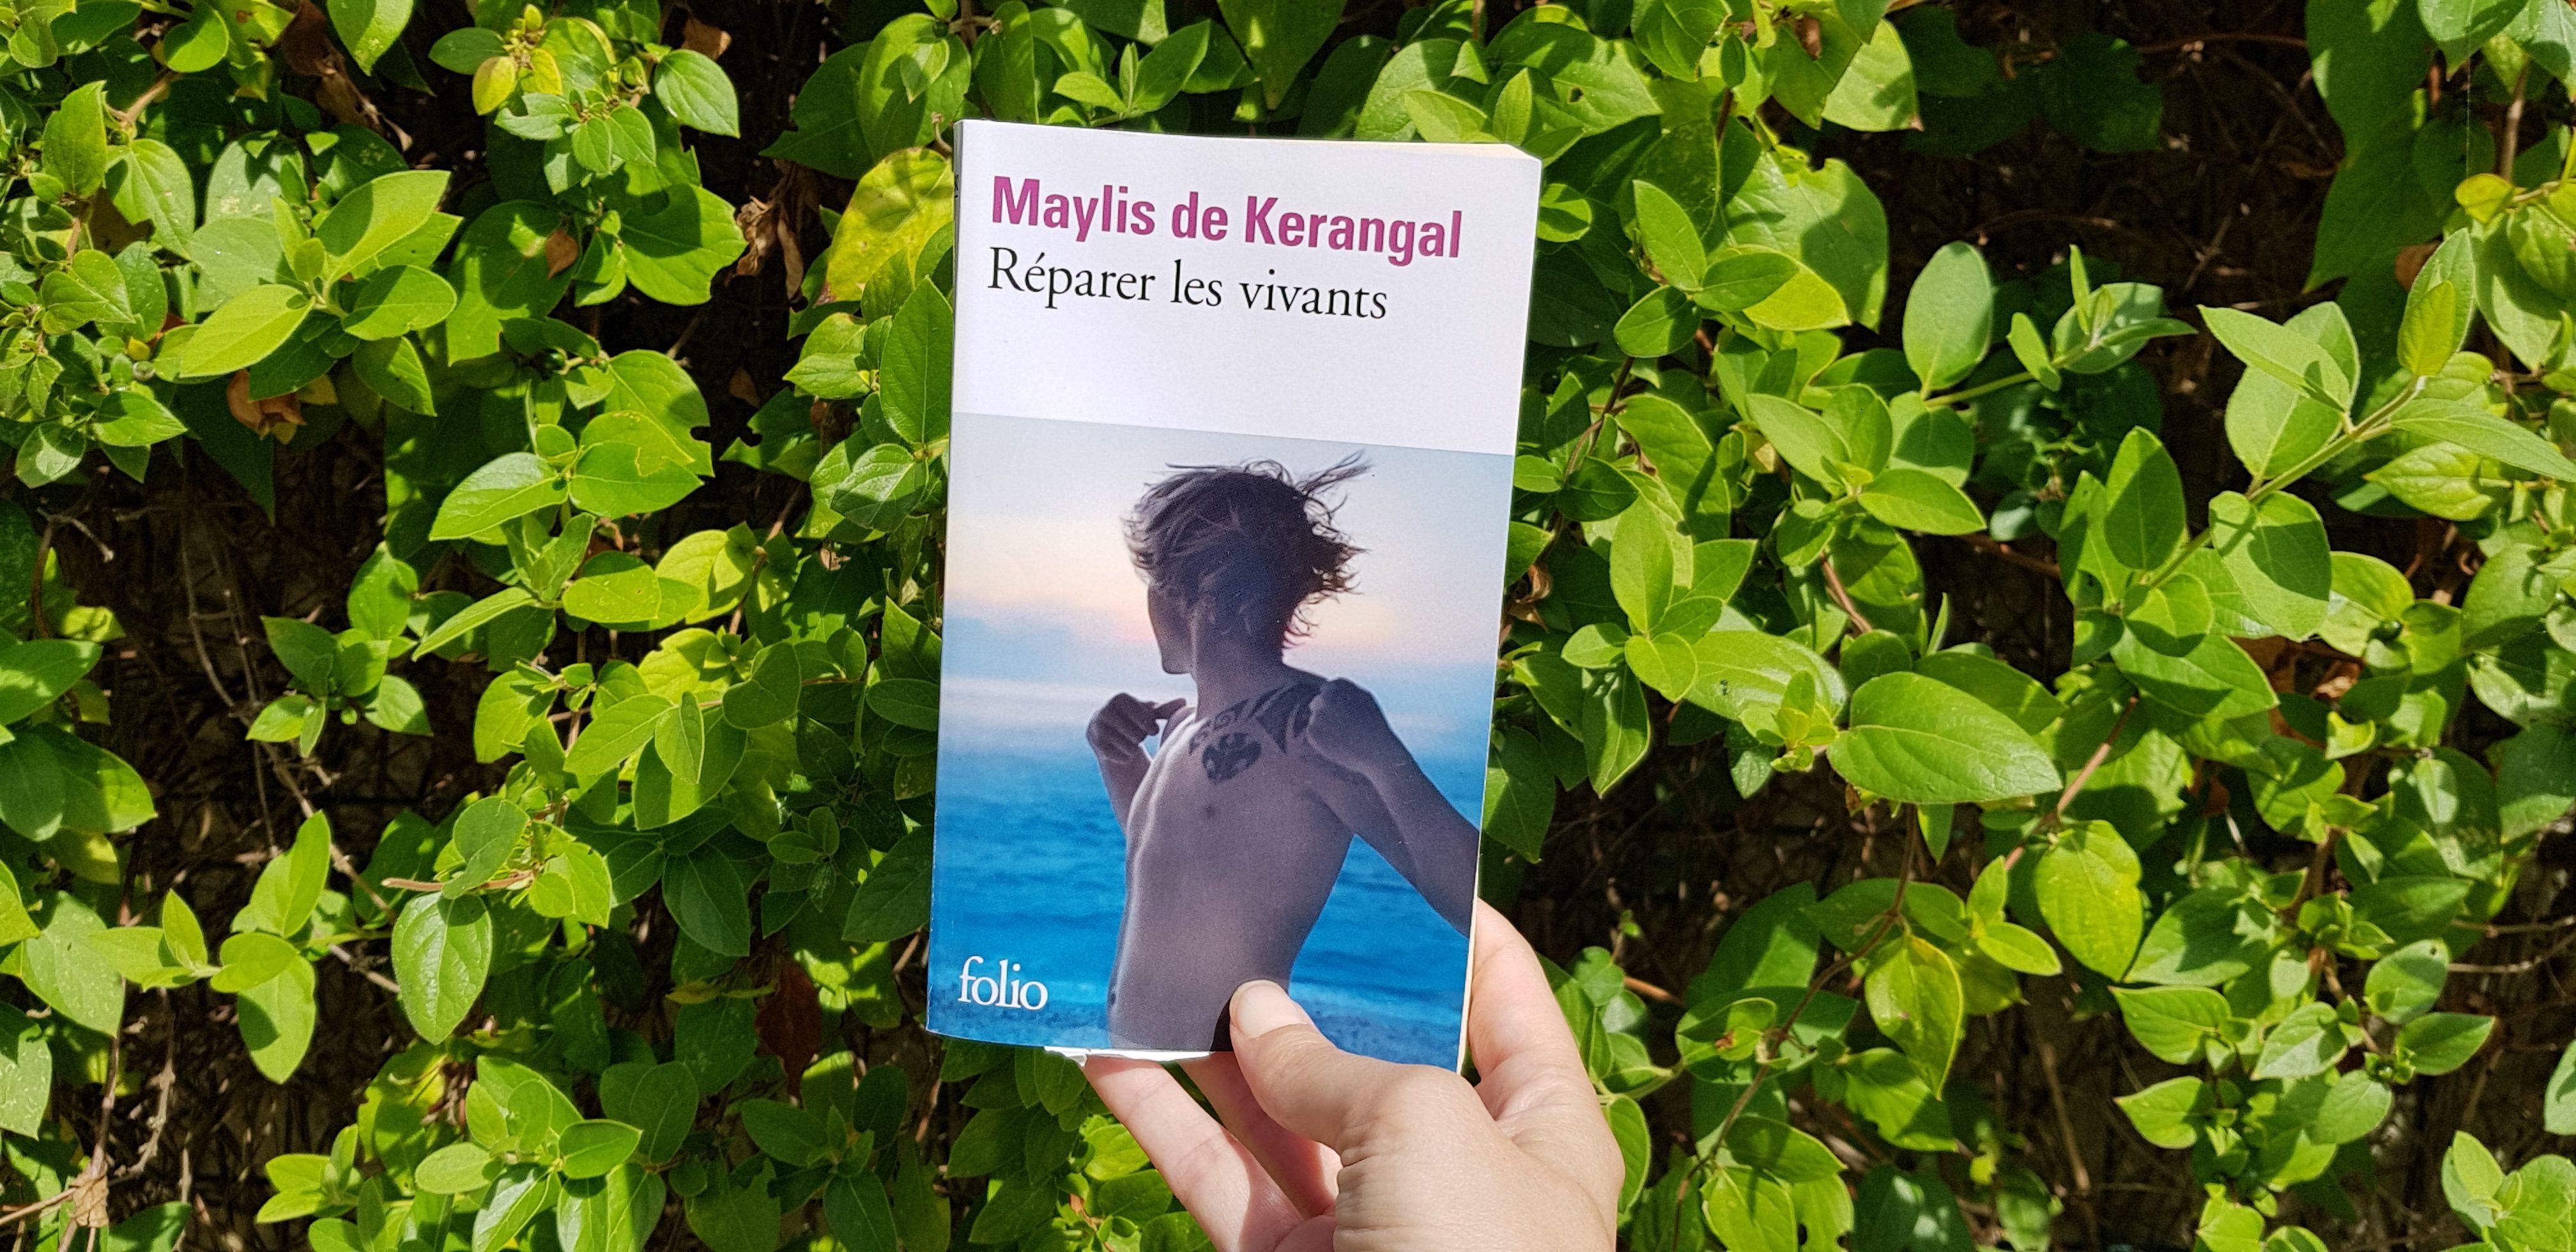 Réparer les vivants de Maylis de Kerangal